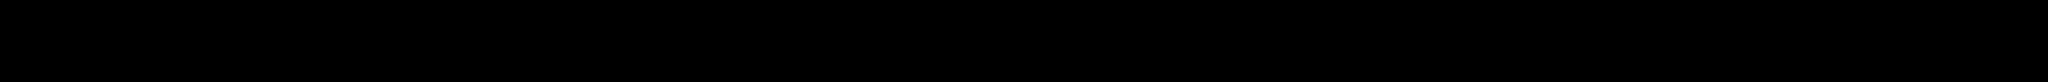 RIDEX 1E0698451, 1E0698451B, 1E0698451C, 1E0698451D, 1E0698451E Fékbetét készlet, tárcsafék